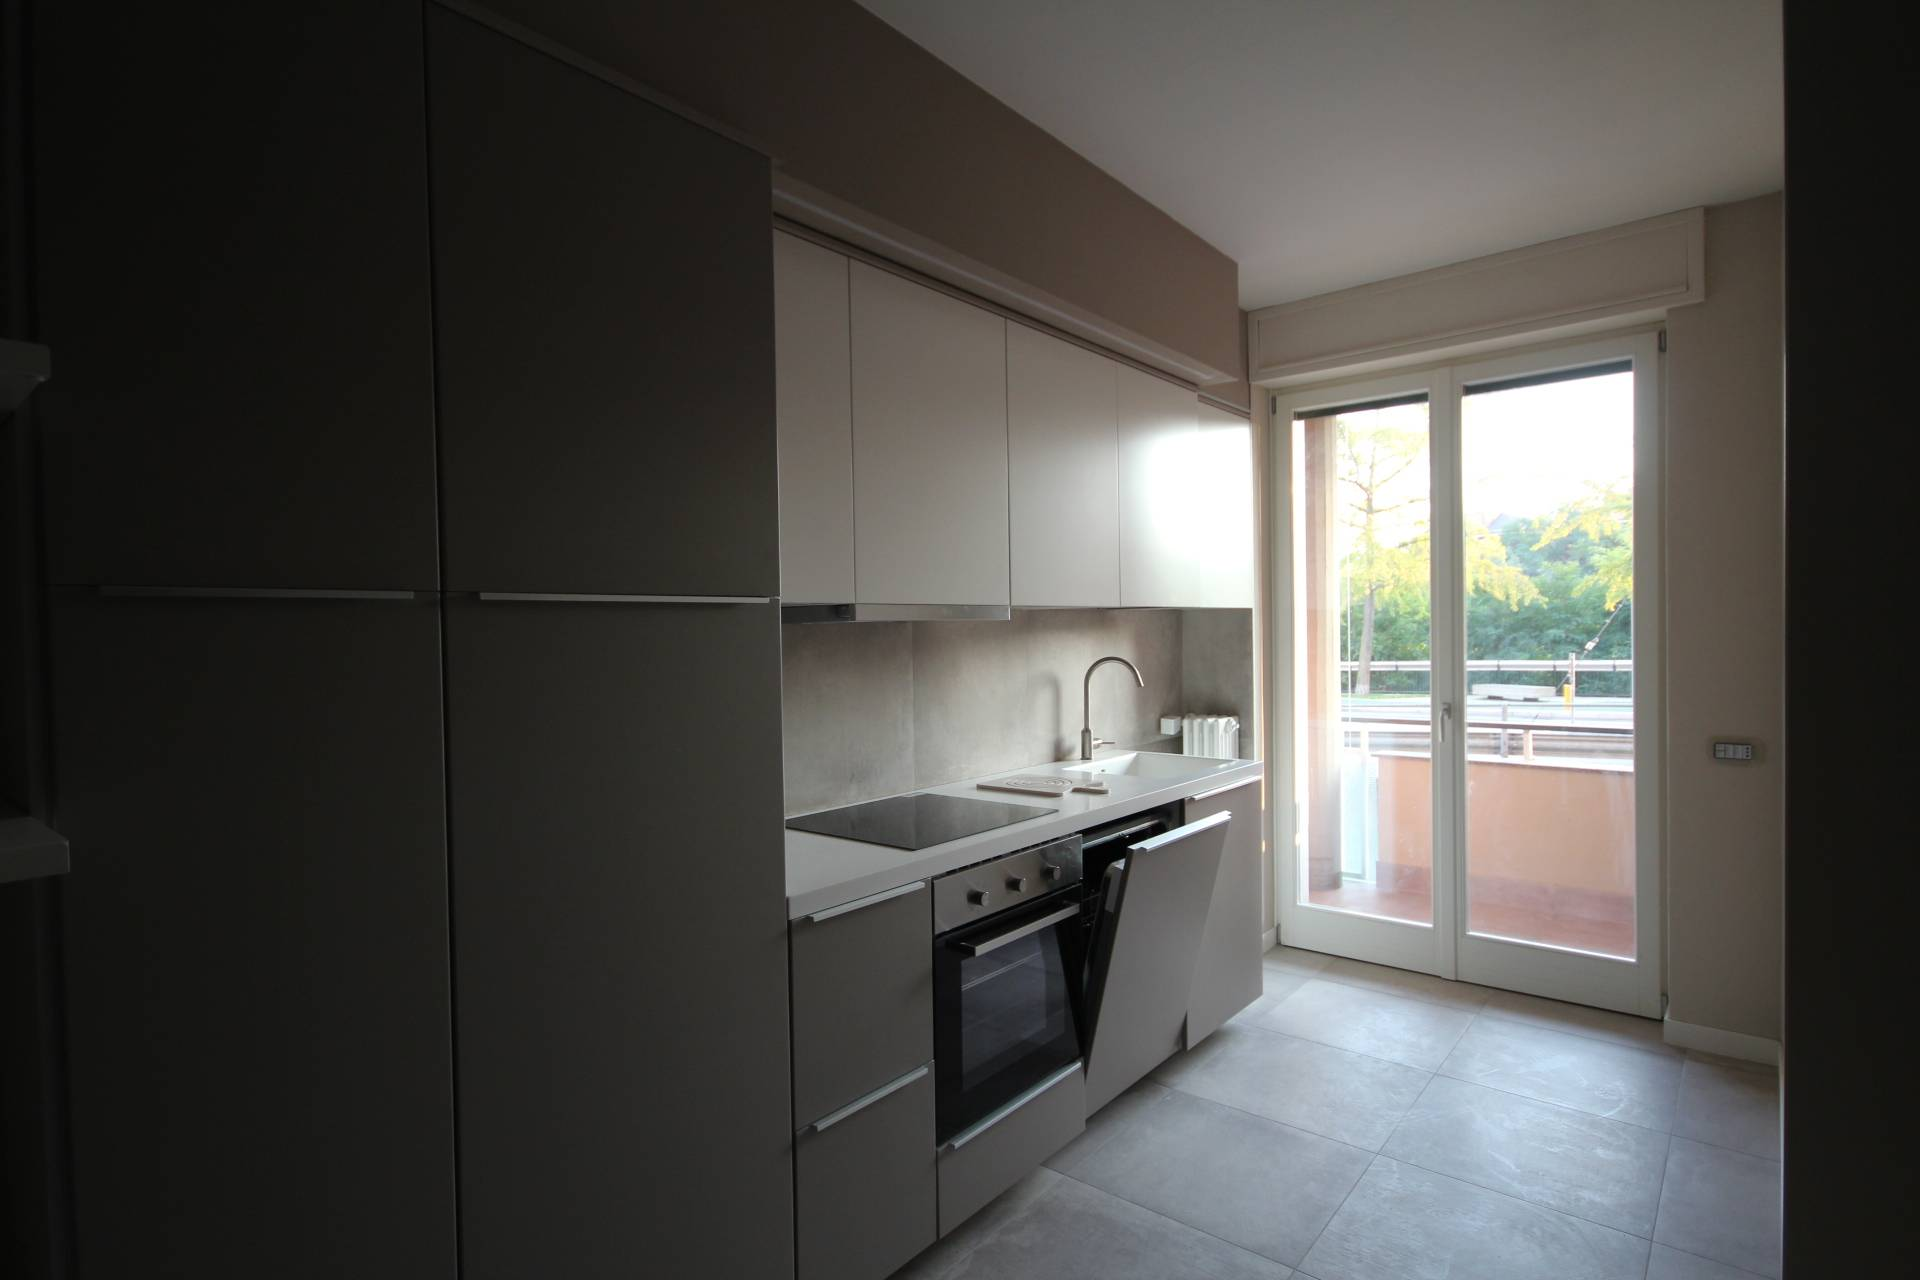 Appartamento in affitto a Verbania, 2 locali, zona Località: Intracentro, prezzo € 600 | CambioCasa.it